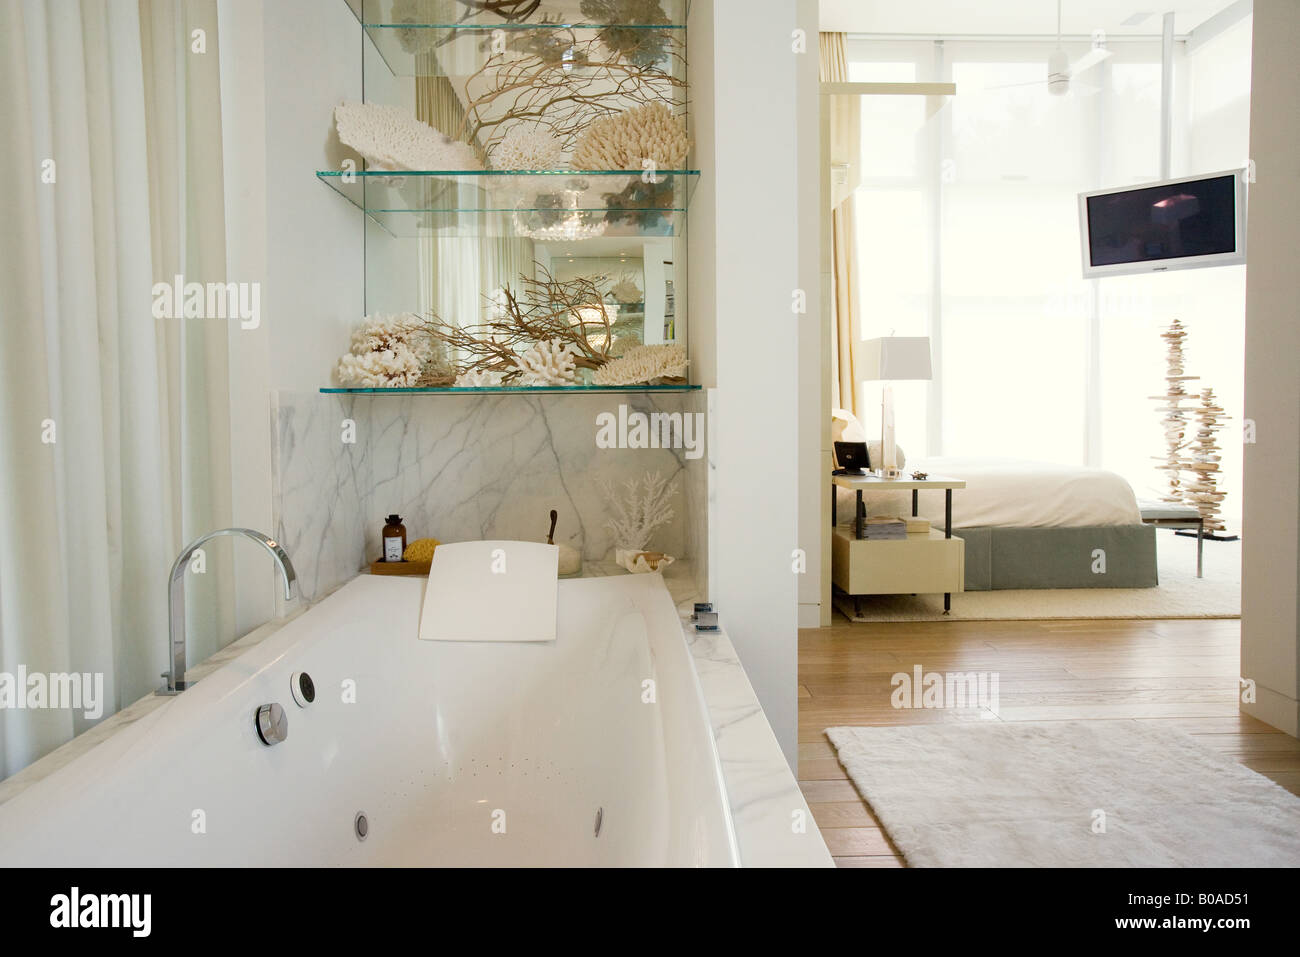 Luxus Hotel-Badezimmer mit großer Badewanne, Schlafzimmer im ...